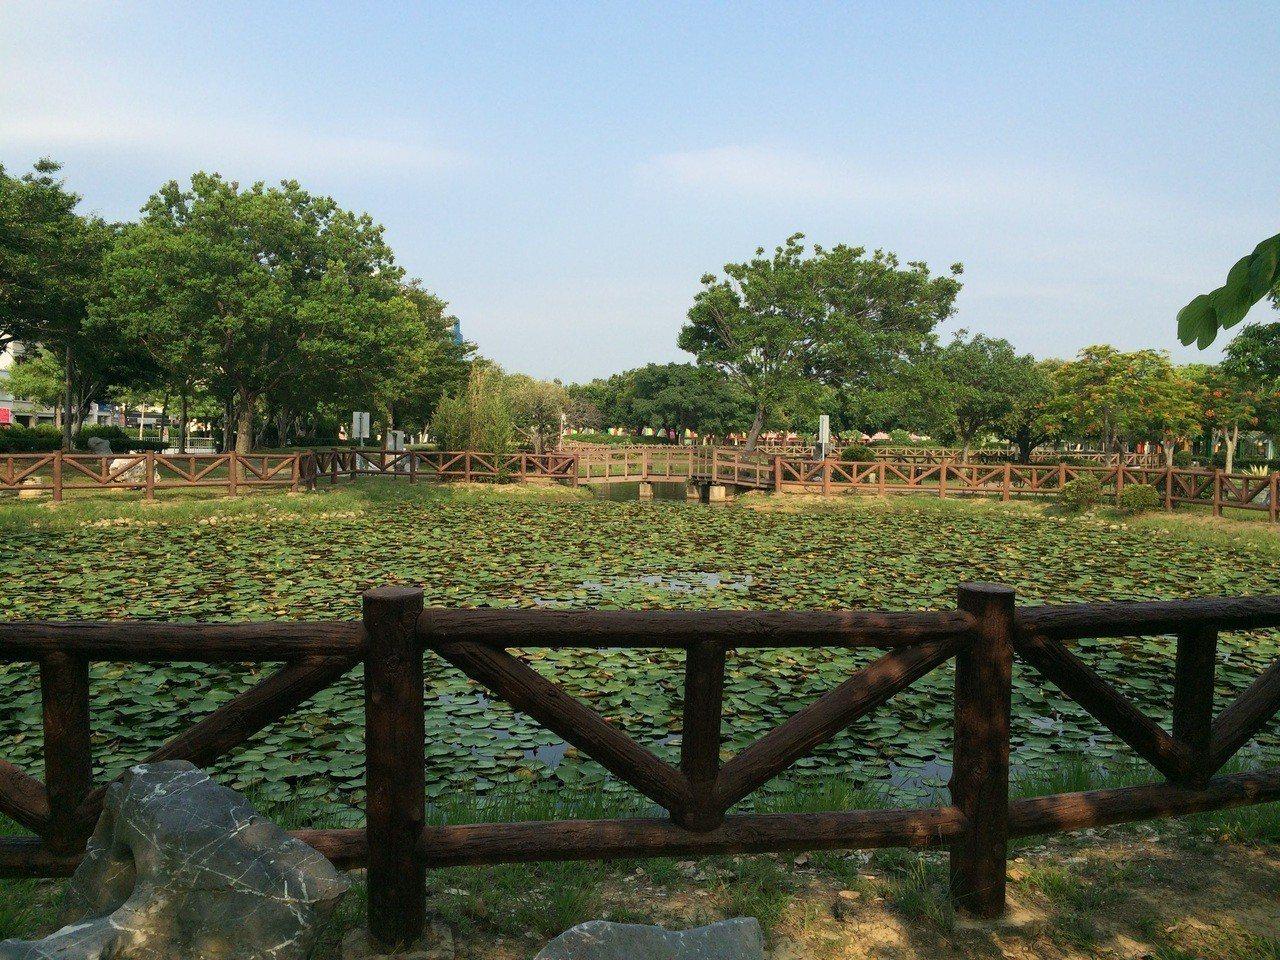 竹南頭份運動公園蓮池將設計石階草地及涼亭供民眾休憩。圖/苗栗縣政府提供